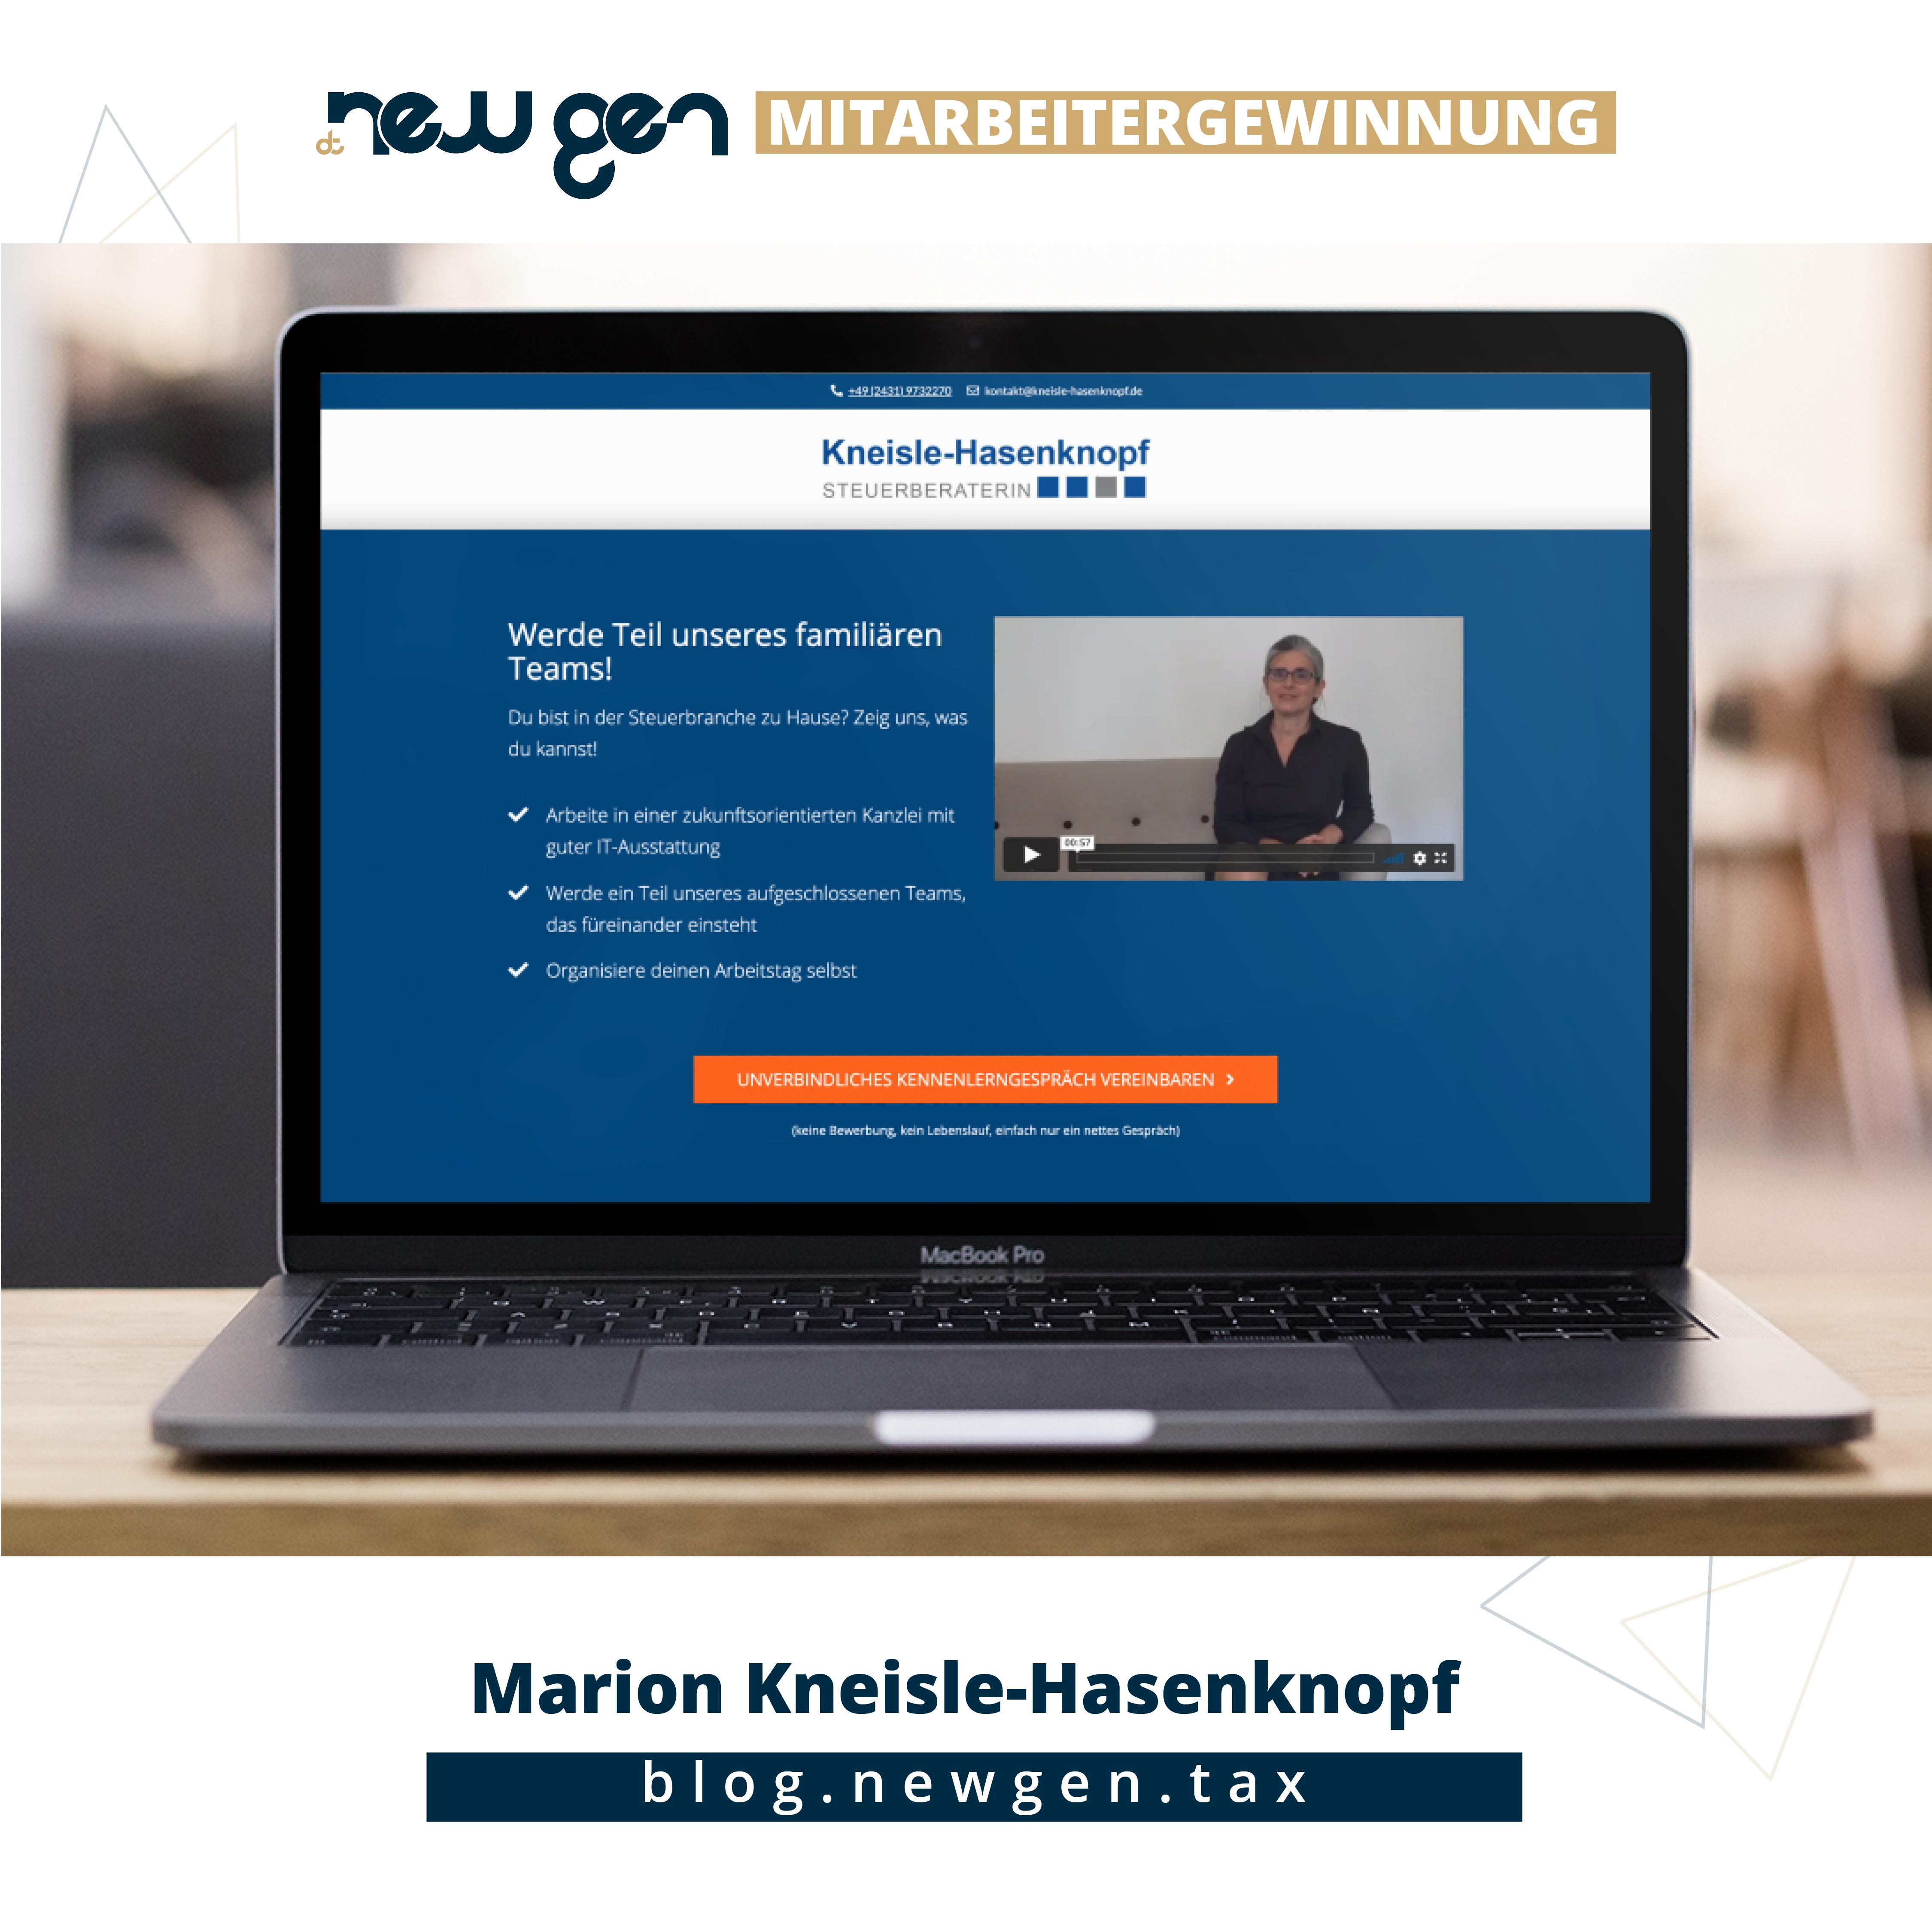 new gen Mitarbeitergewinnung - Marion Kneisle-Hasenknopf